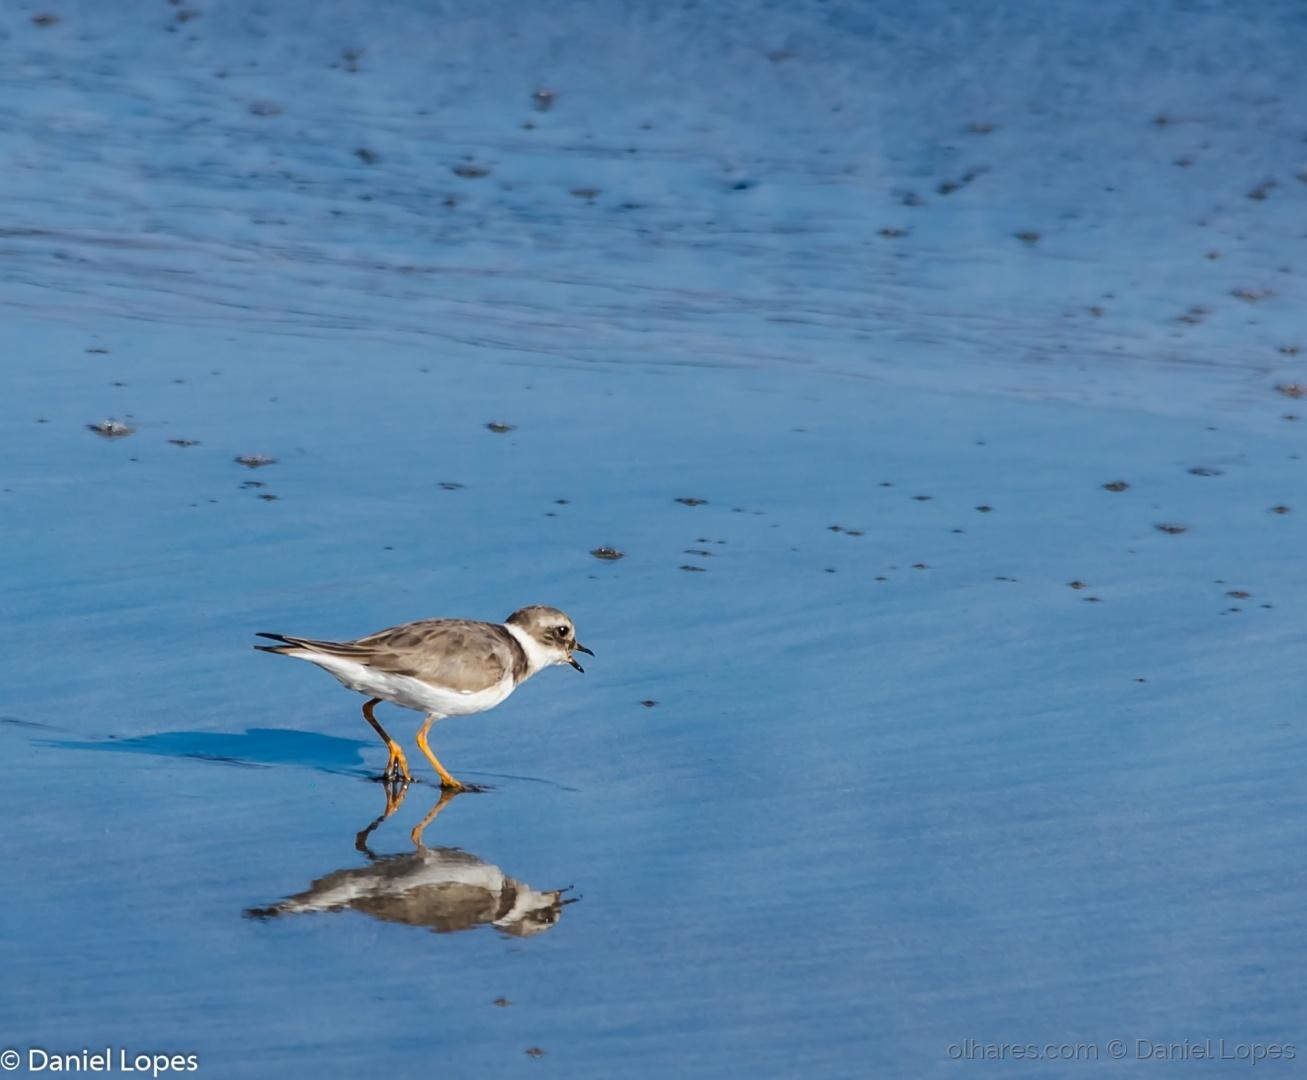 Animais/Maçarico-branco (Calidris alba)